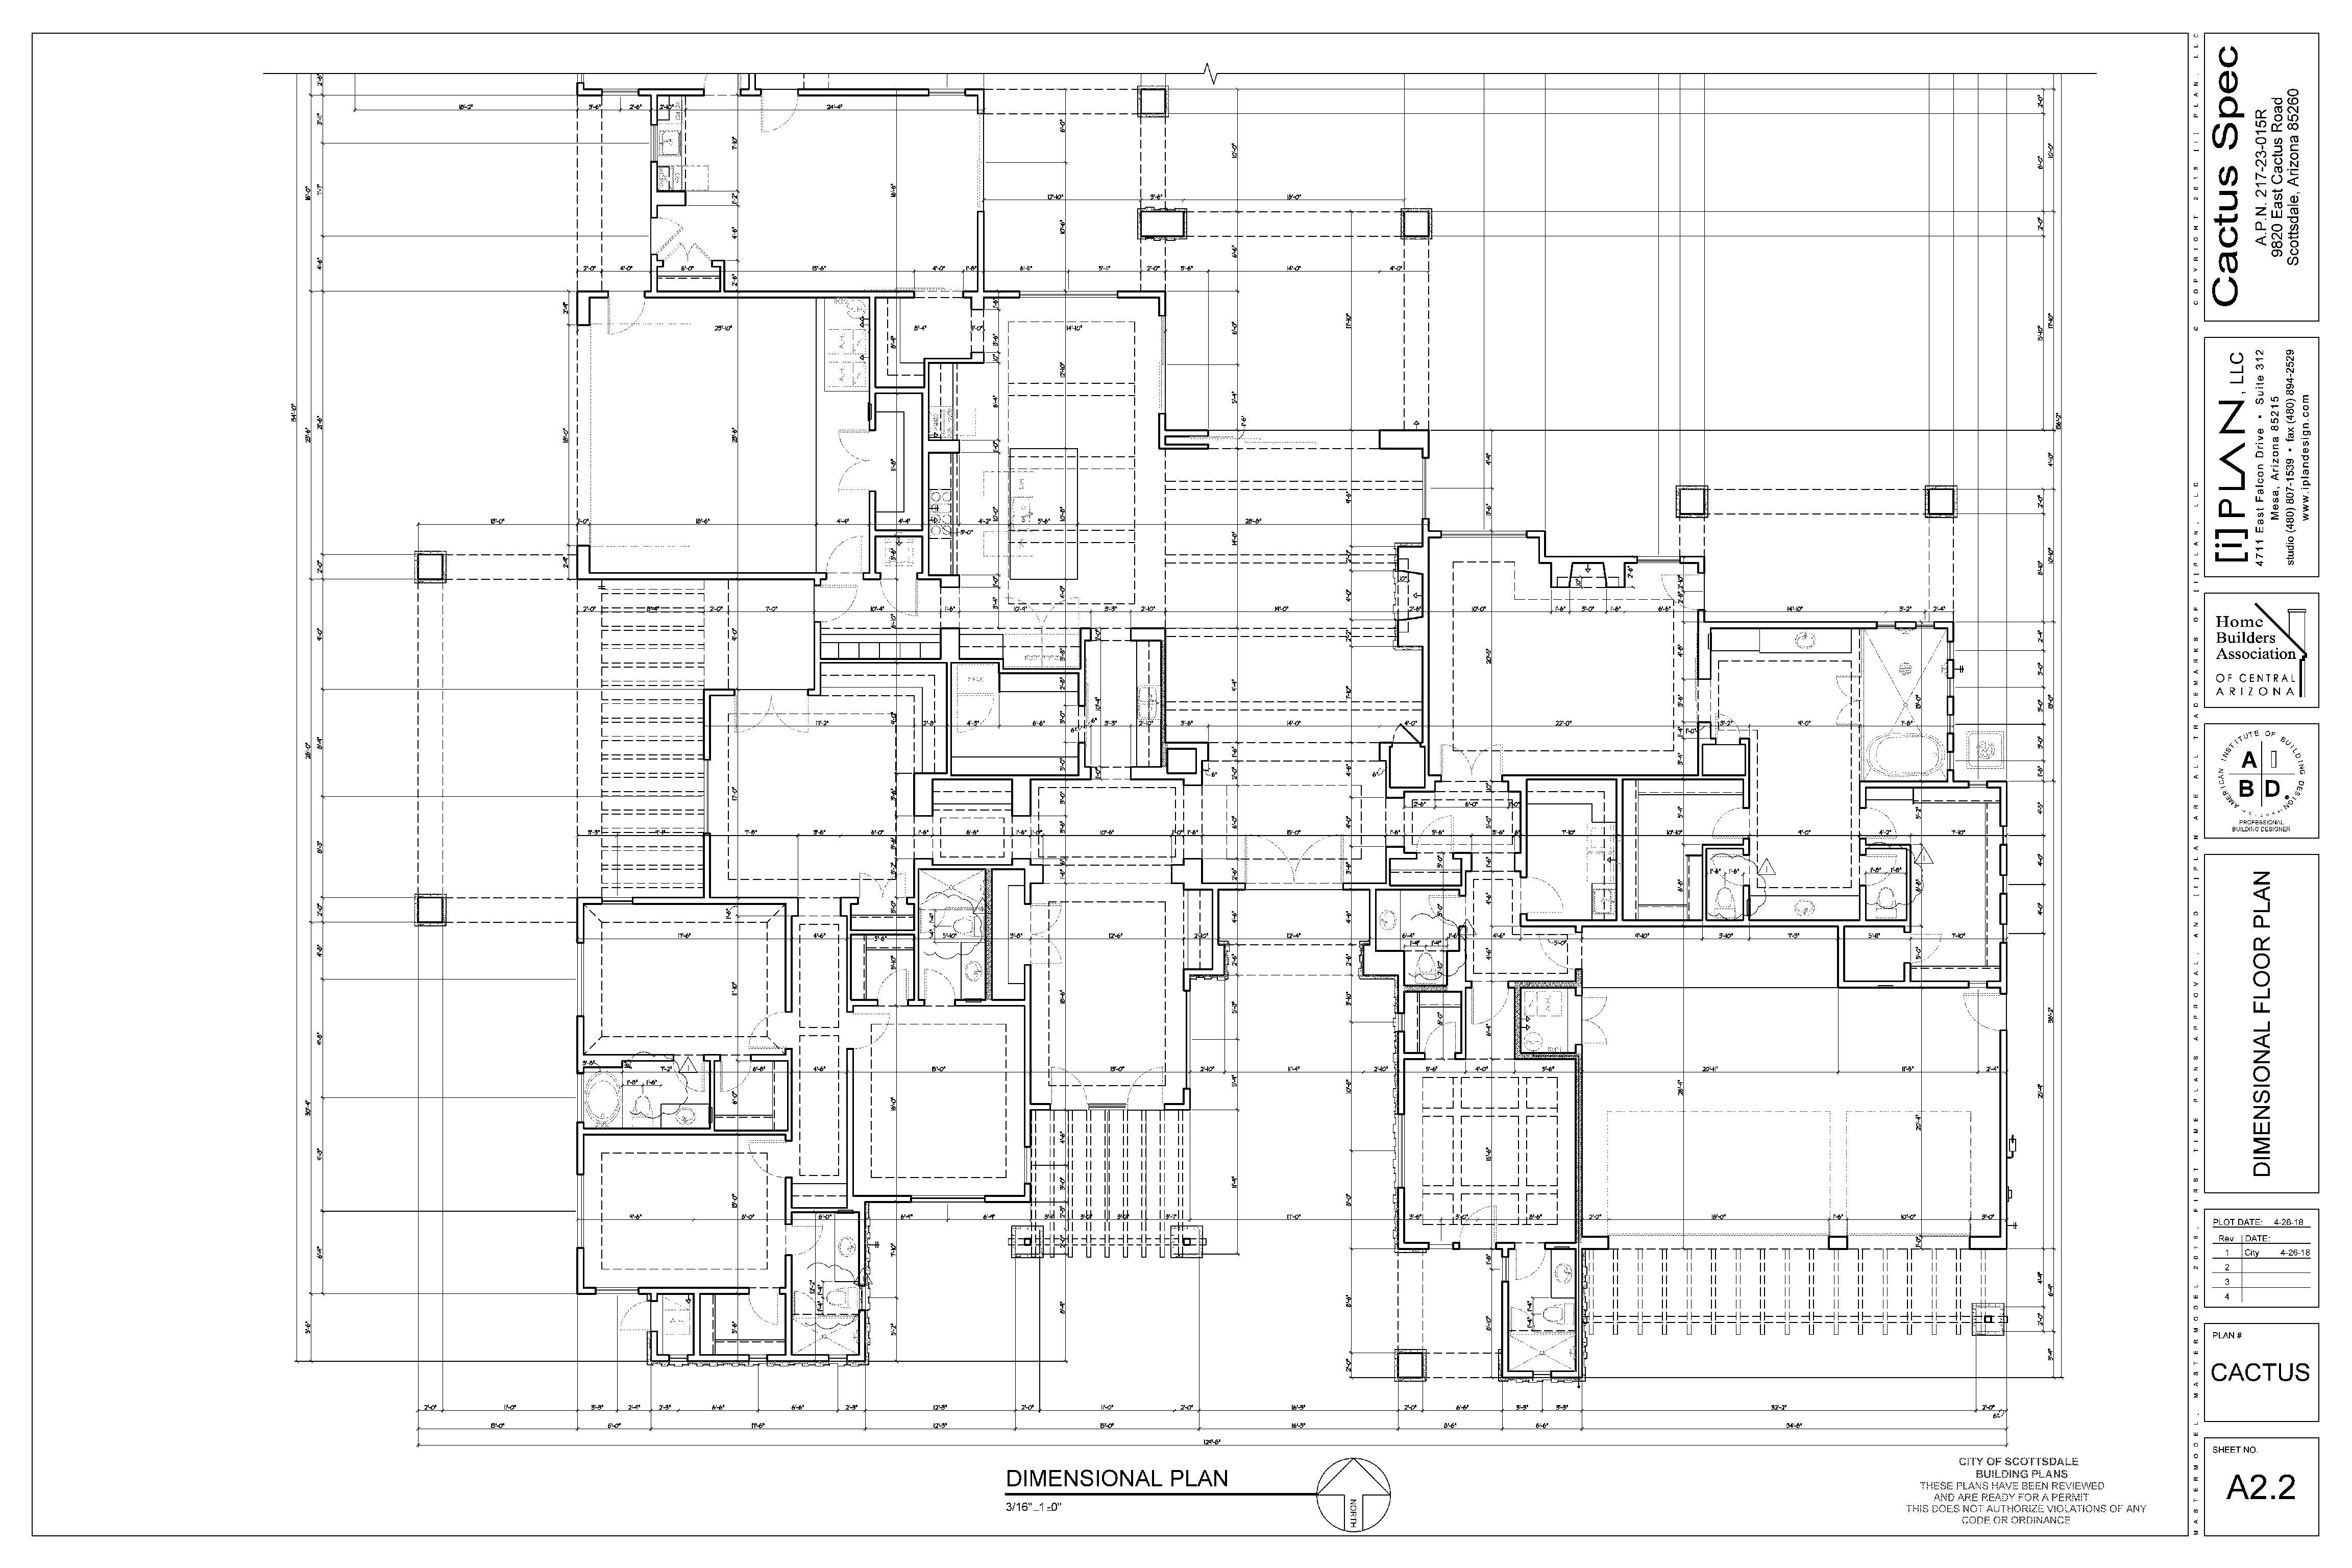 modern-french-farm 007-A2.2.Dimensional Floorplan